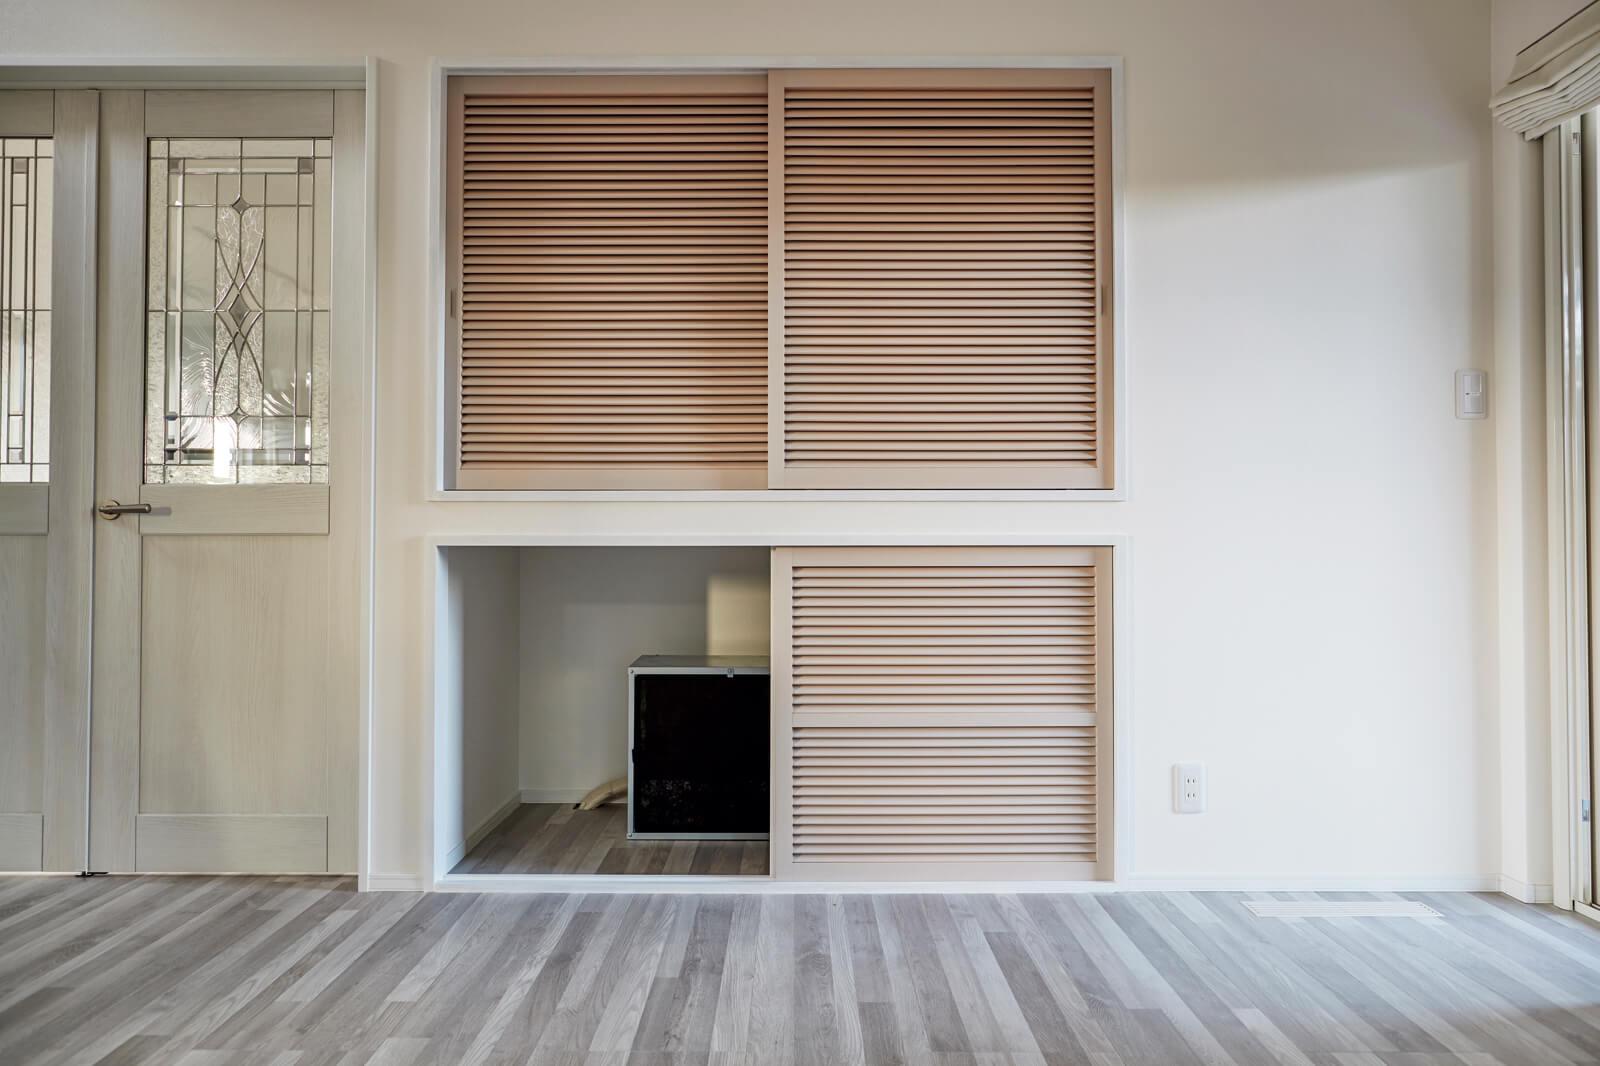 「エアボレー」の室内機は、リビングの収納下部に設置。部屋に露出する部分もなく、音も静か